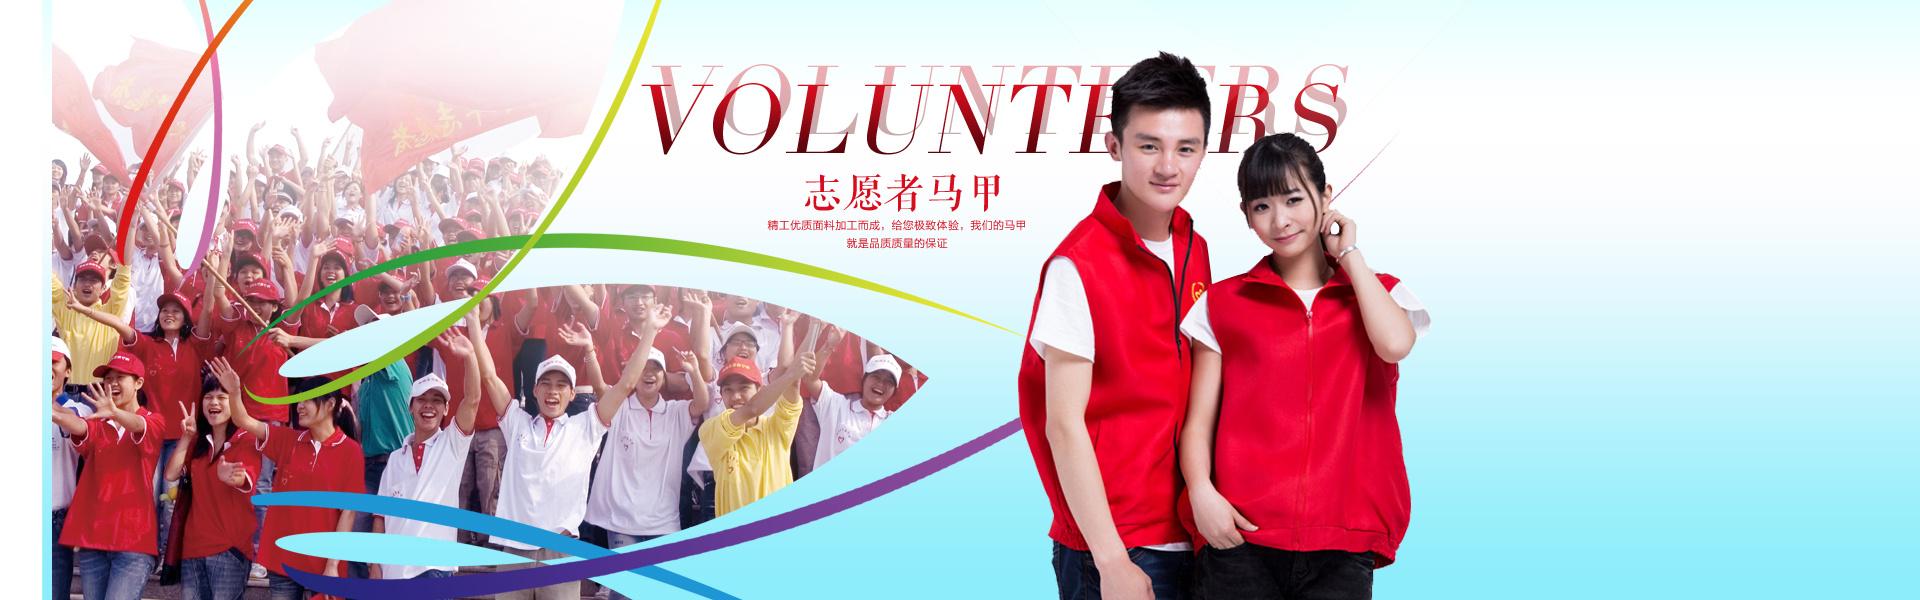 志愿者服装海报